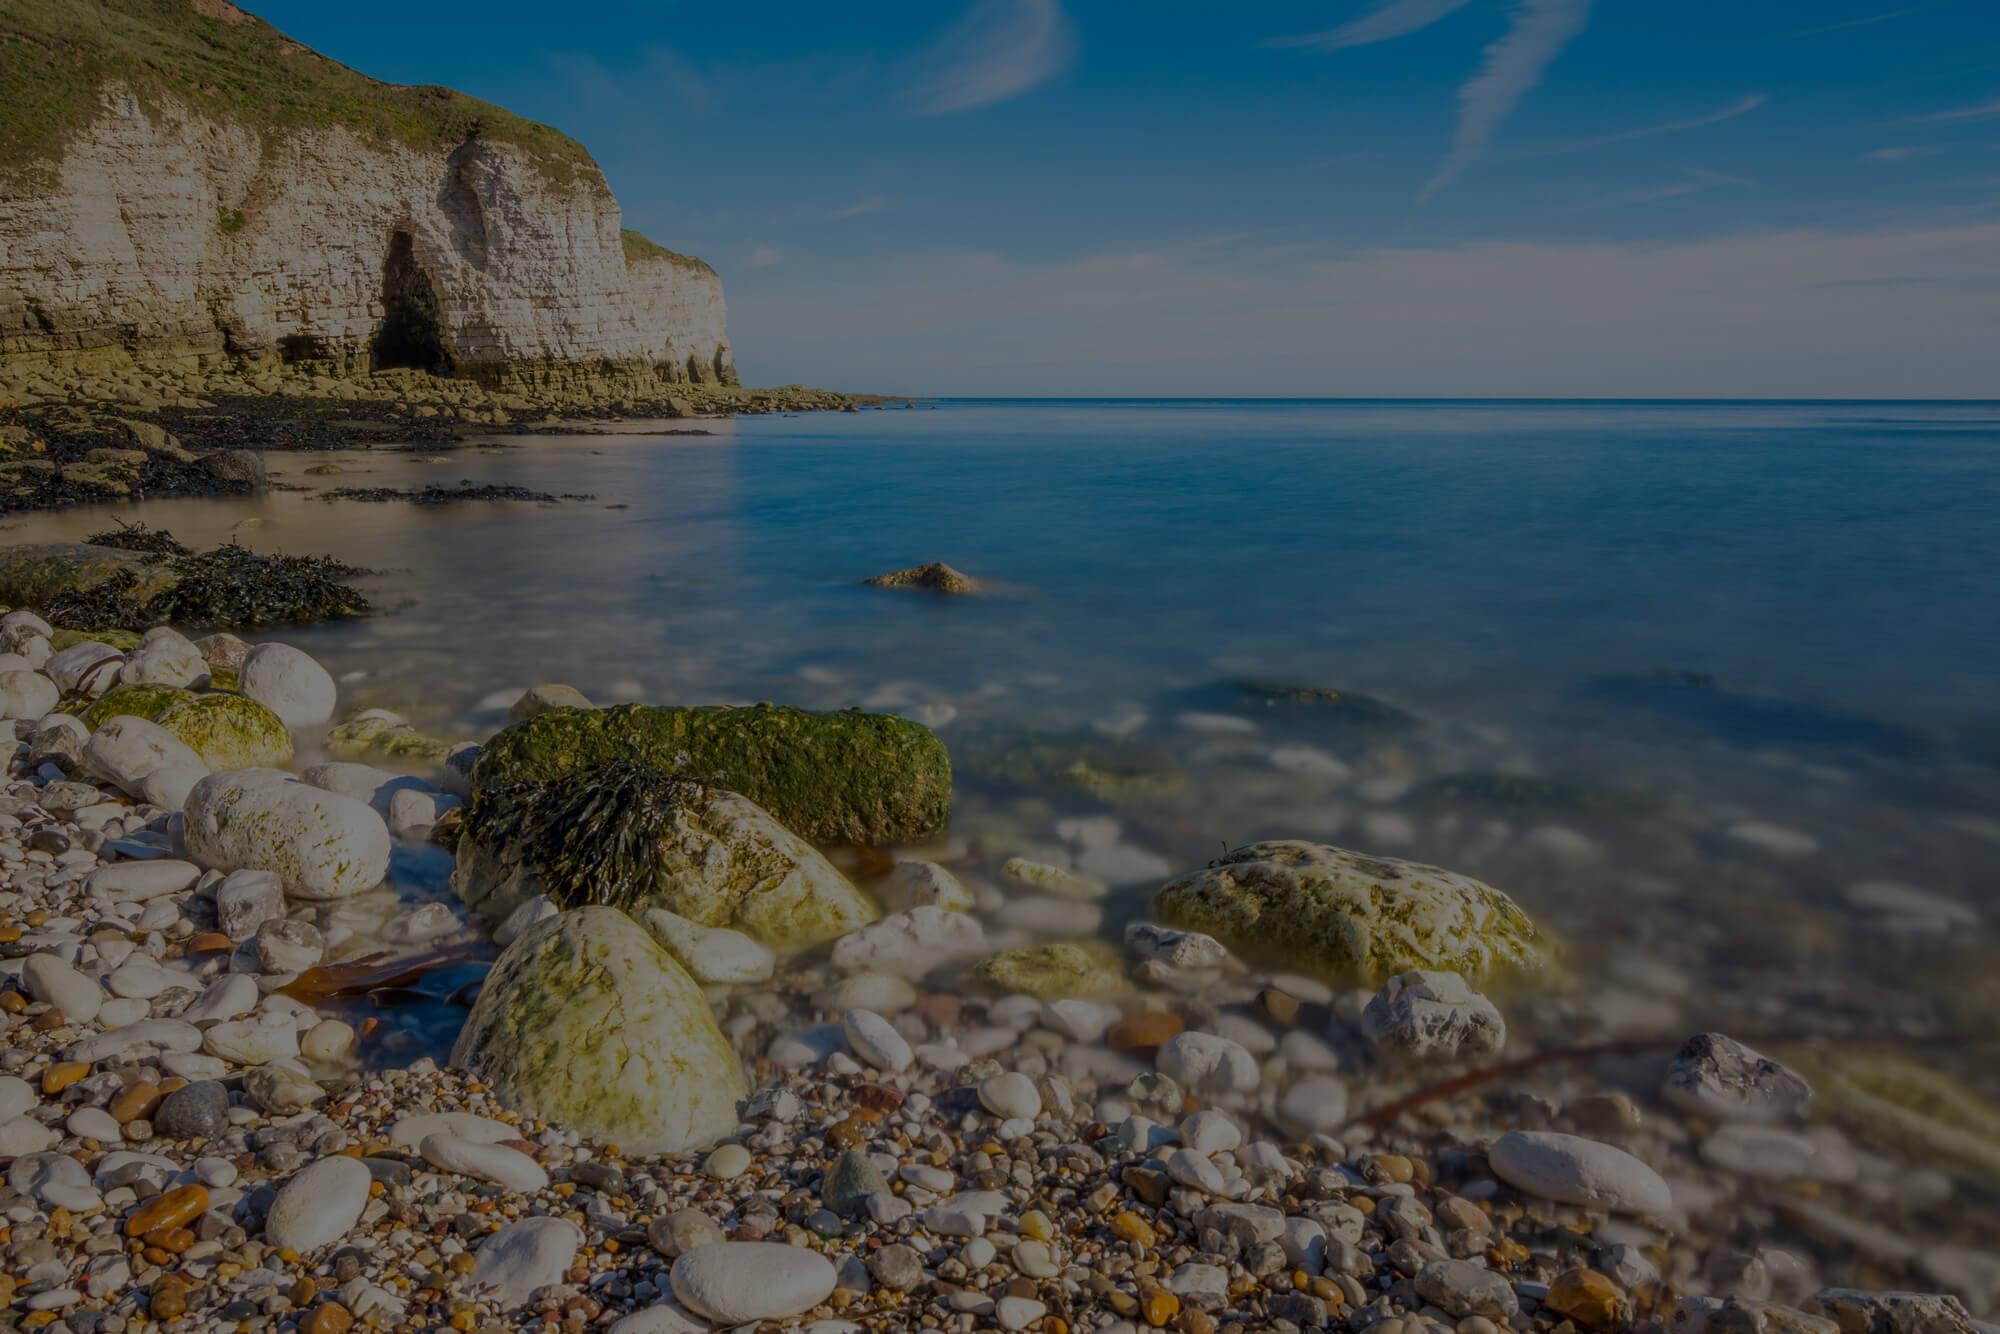 Pebbles-jurassic-coast